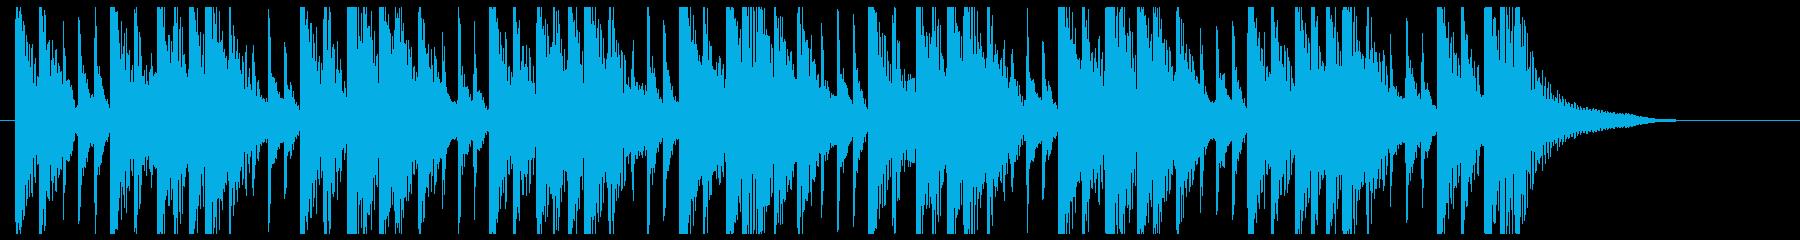 和太鼓を叩いているBGMの再生済みの波形